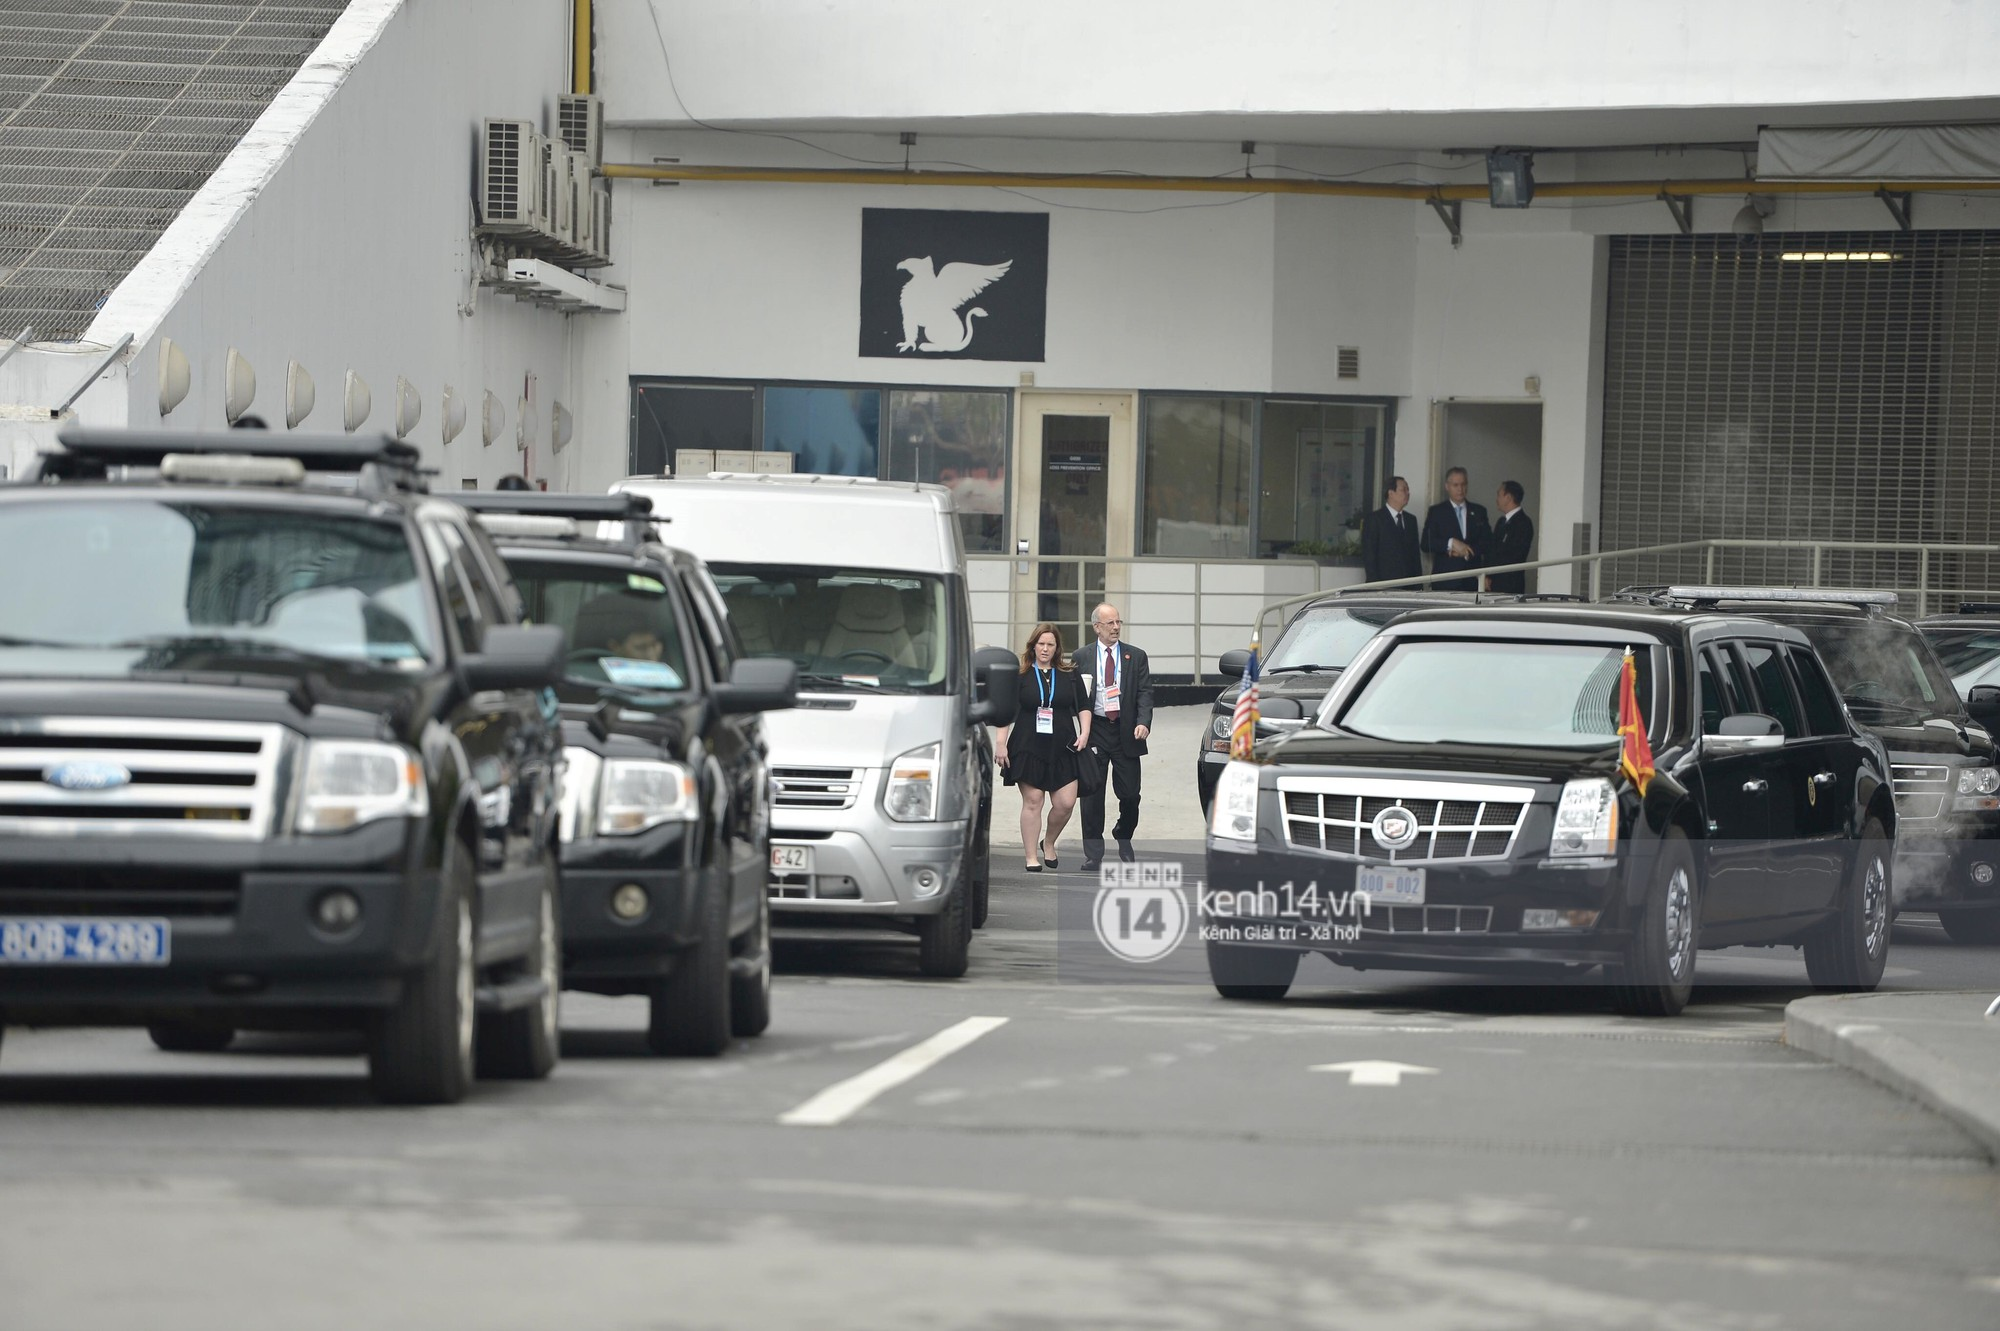 An ninh tại khách sạn Marriott được thắt chặt, TT Trump chuẩn bị lên đường gặp gỡ Tổng bí thư, Chủ tịch nước Nguyễn Phú Trọng - Ảnh 2.